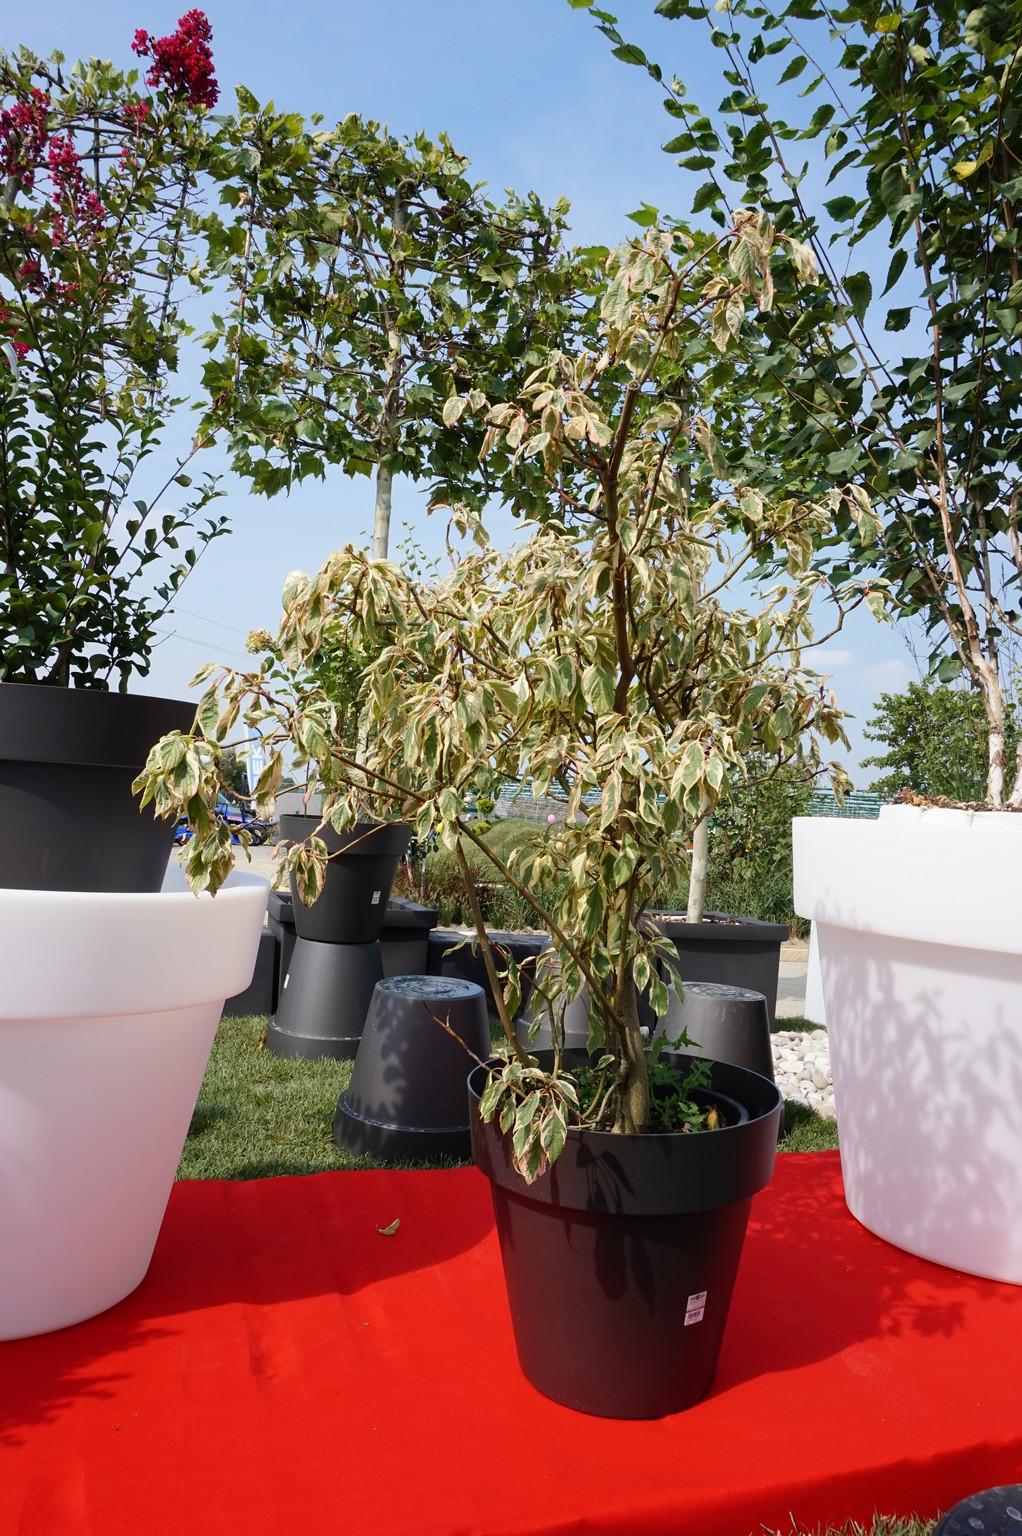 Concorso giardini Verdeggiando_90 Fashion Green Parade (7GKW3) DM Landscape Marica Succi e Domenico Dipinto